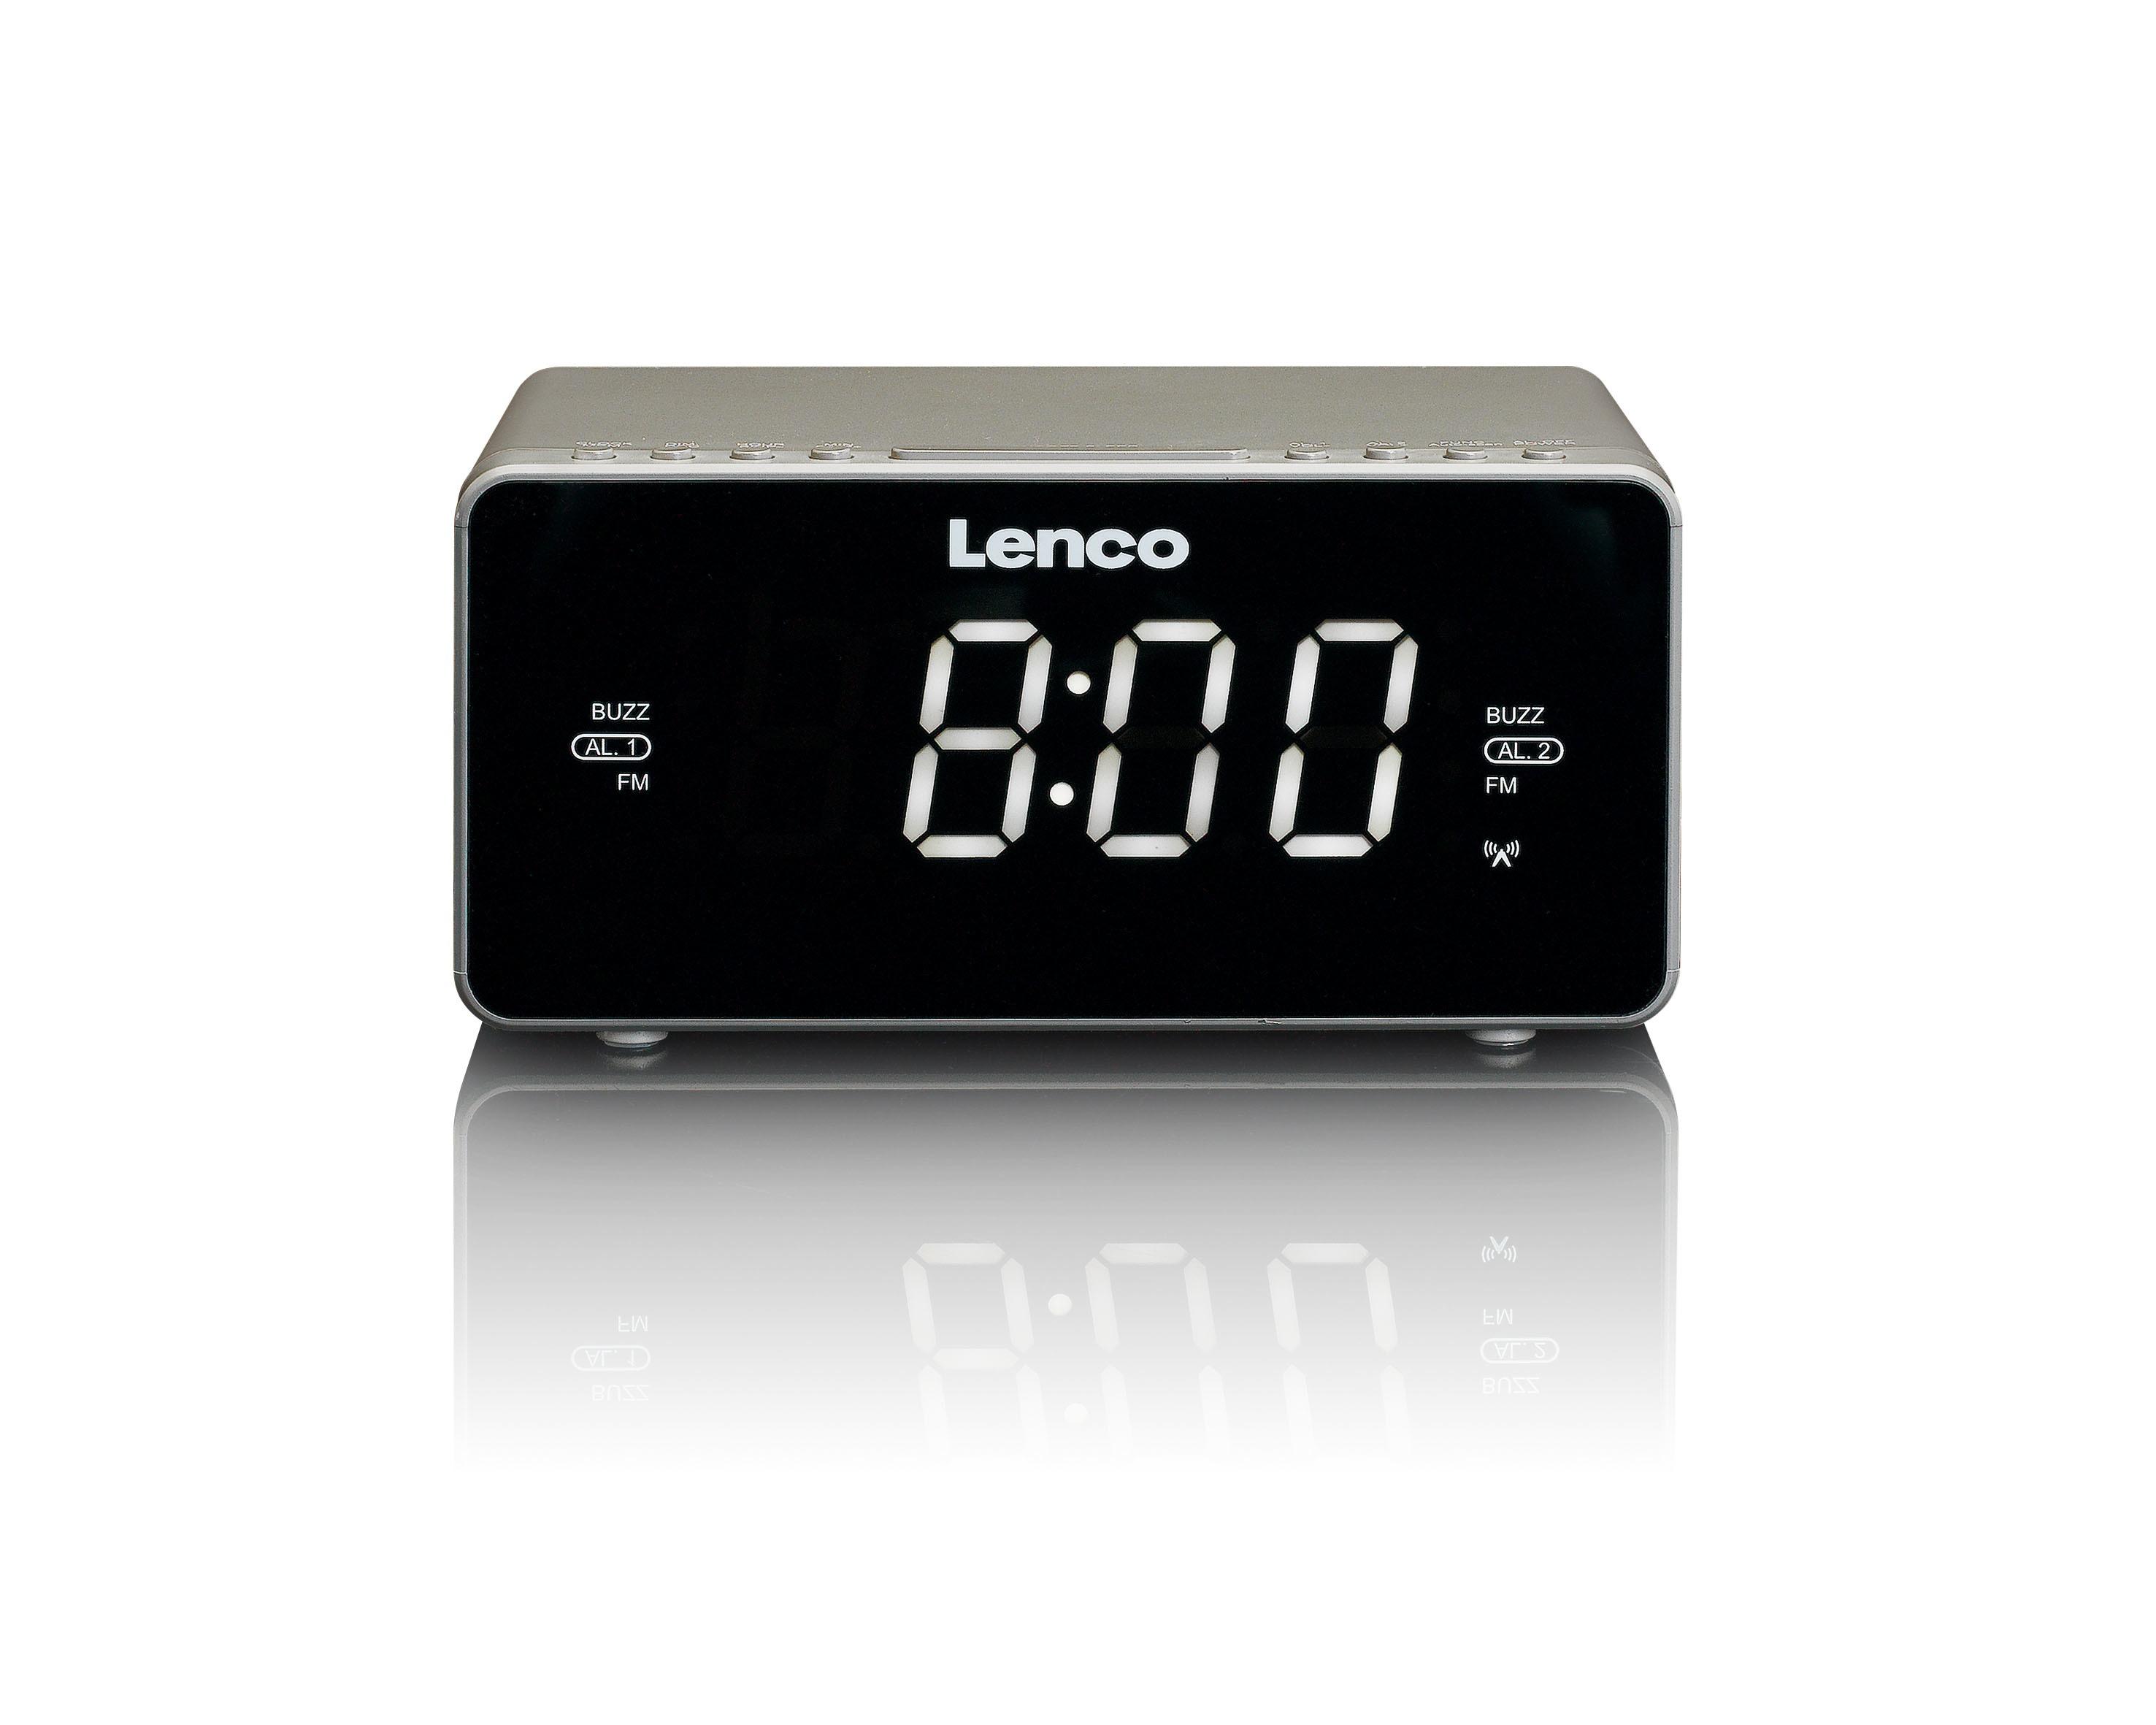 Korting Lenco CR 530 wekker radio